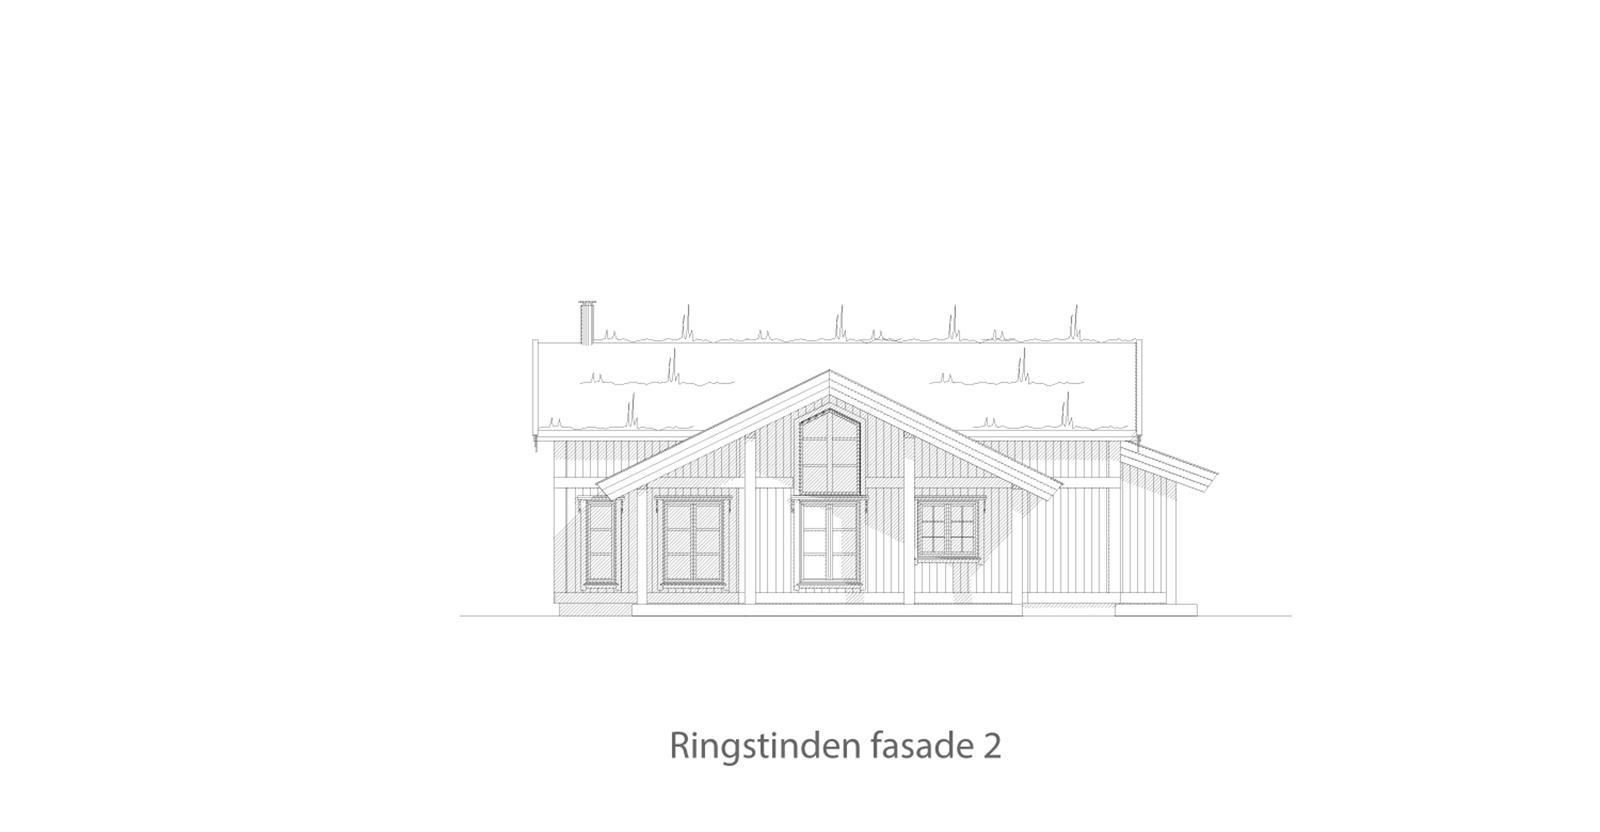 Ringstinden fasade 2